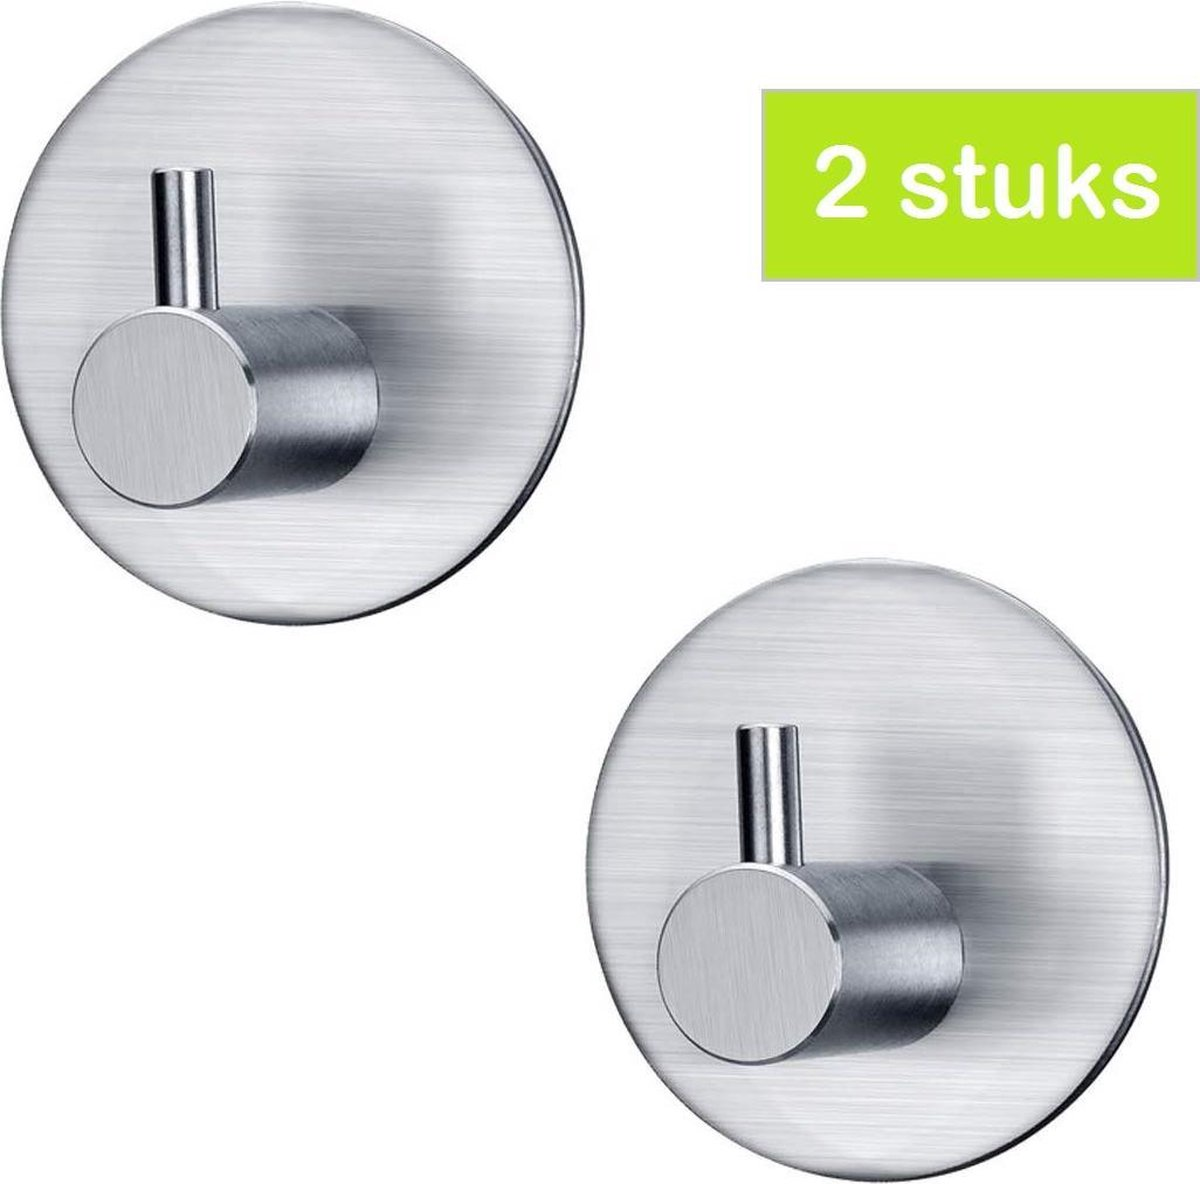 Handdoekhaakjes Zelfklevend - Zilver - Haakjes Handdoekhouder Badkamer Keuken Toilet| 2 stuks